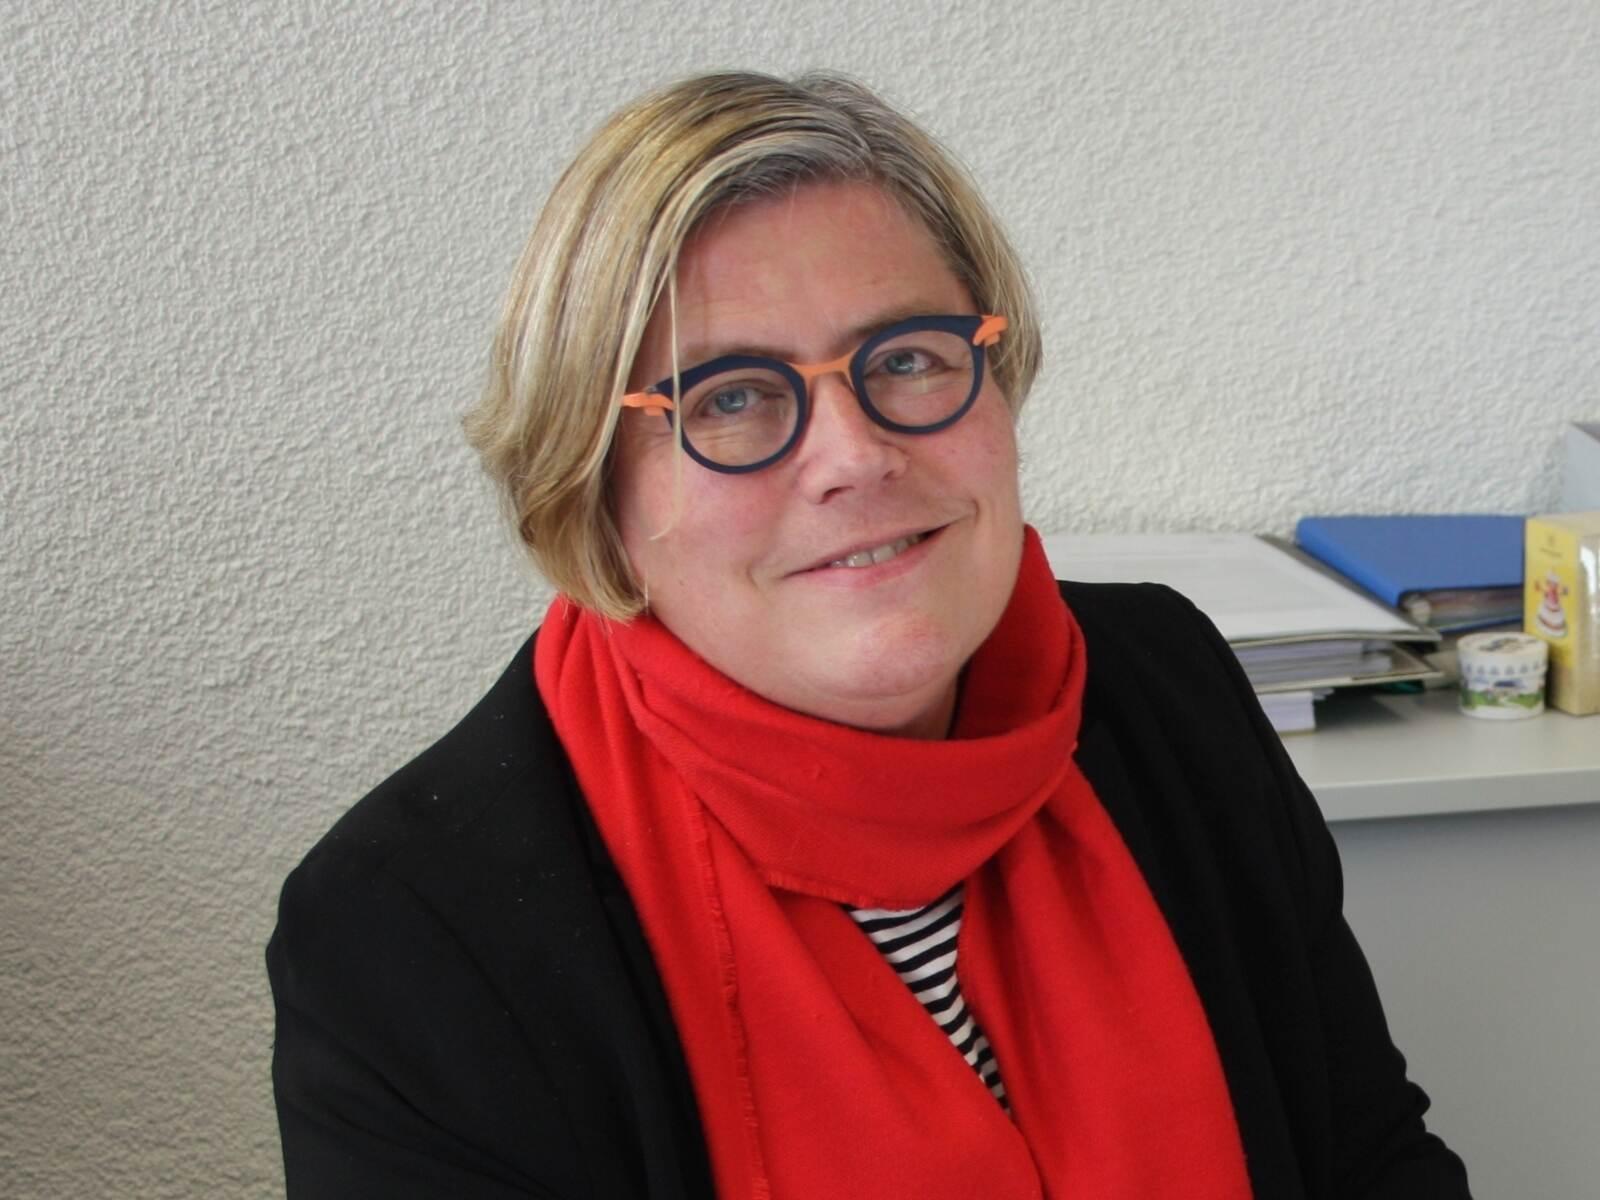 Amtsleiterin Johanna Bächle lobt tollen Einsatz der Mühlacker...